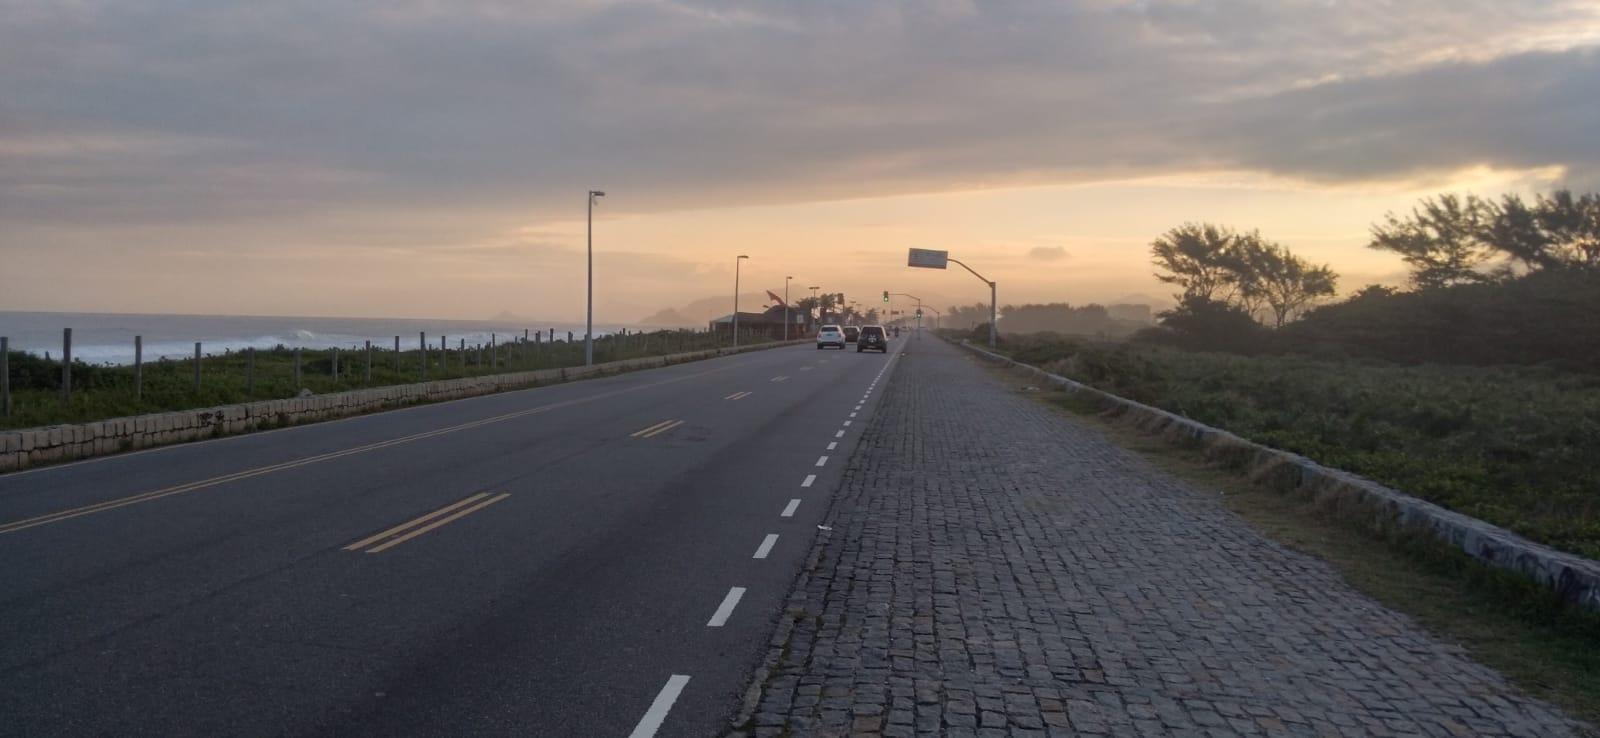 Imagem de uma avenida